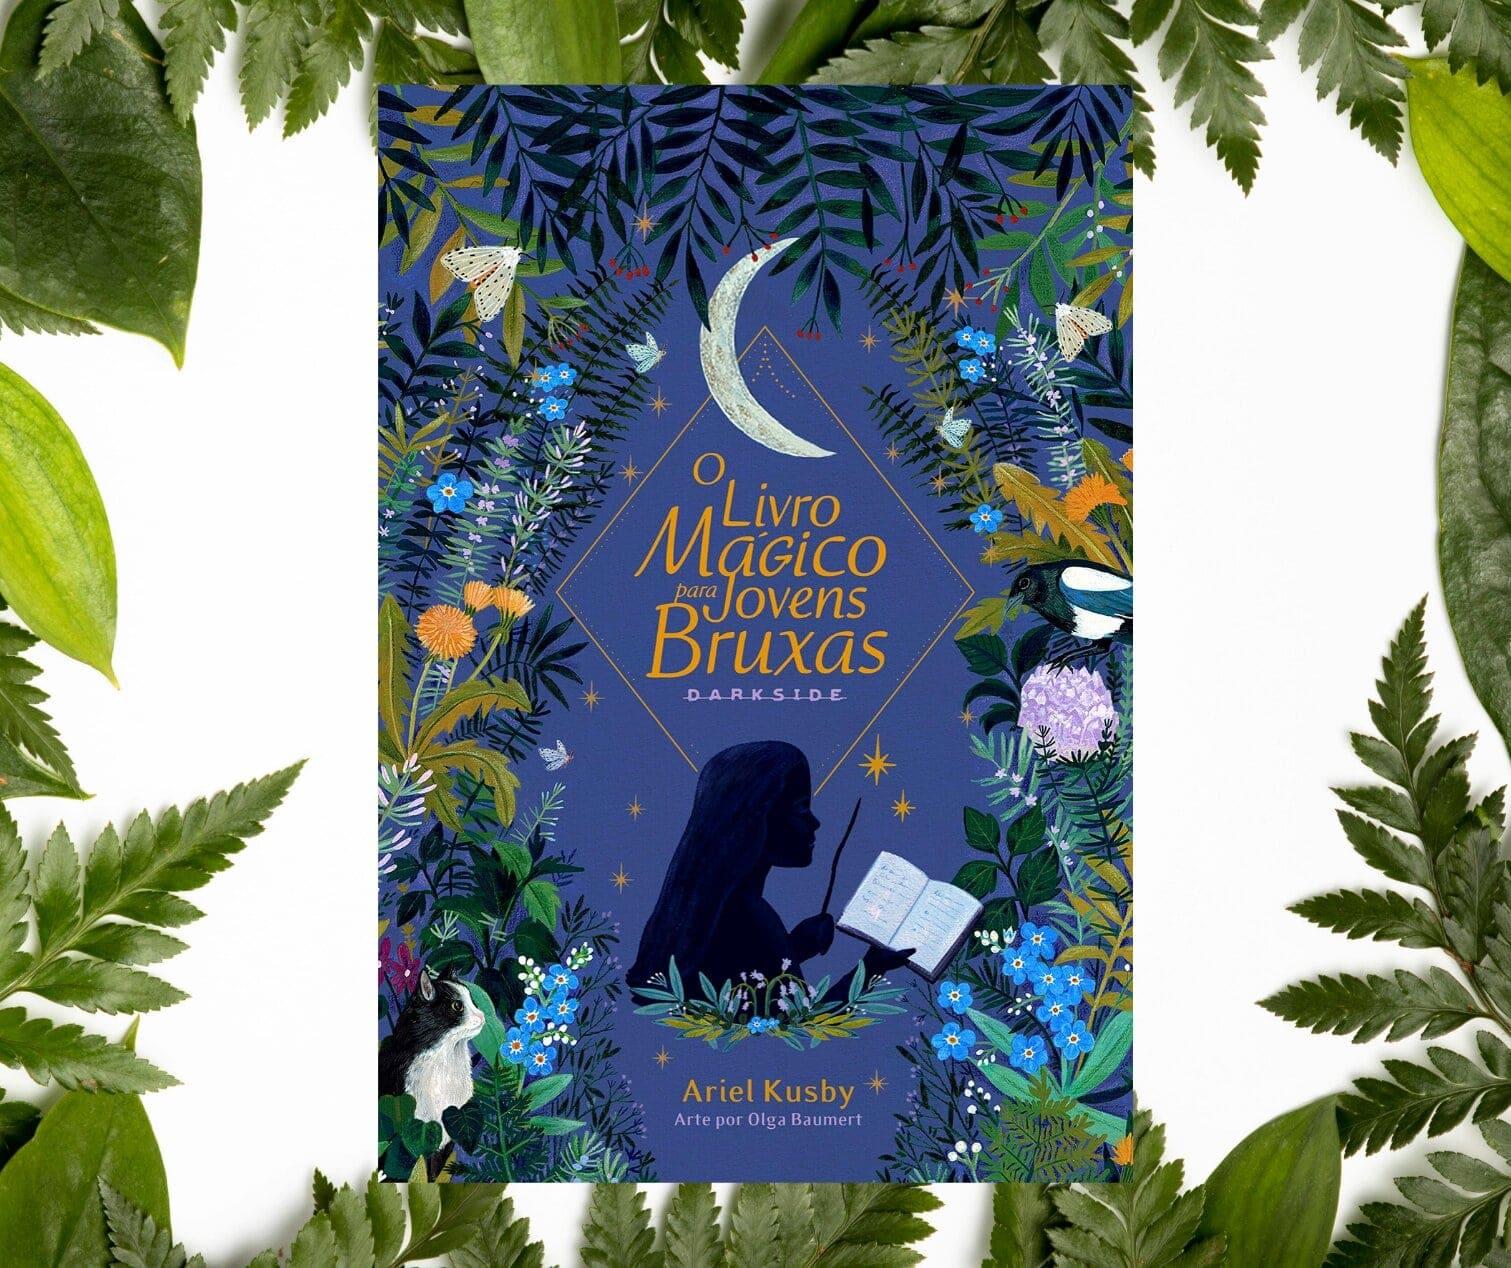 Resenha: O Livro Mágico para Jovens Bruxas, de Ariel Kusby e Olga Baumert